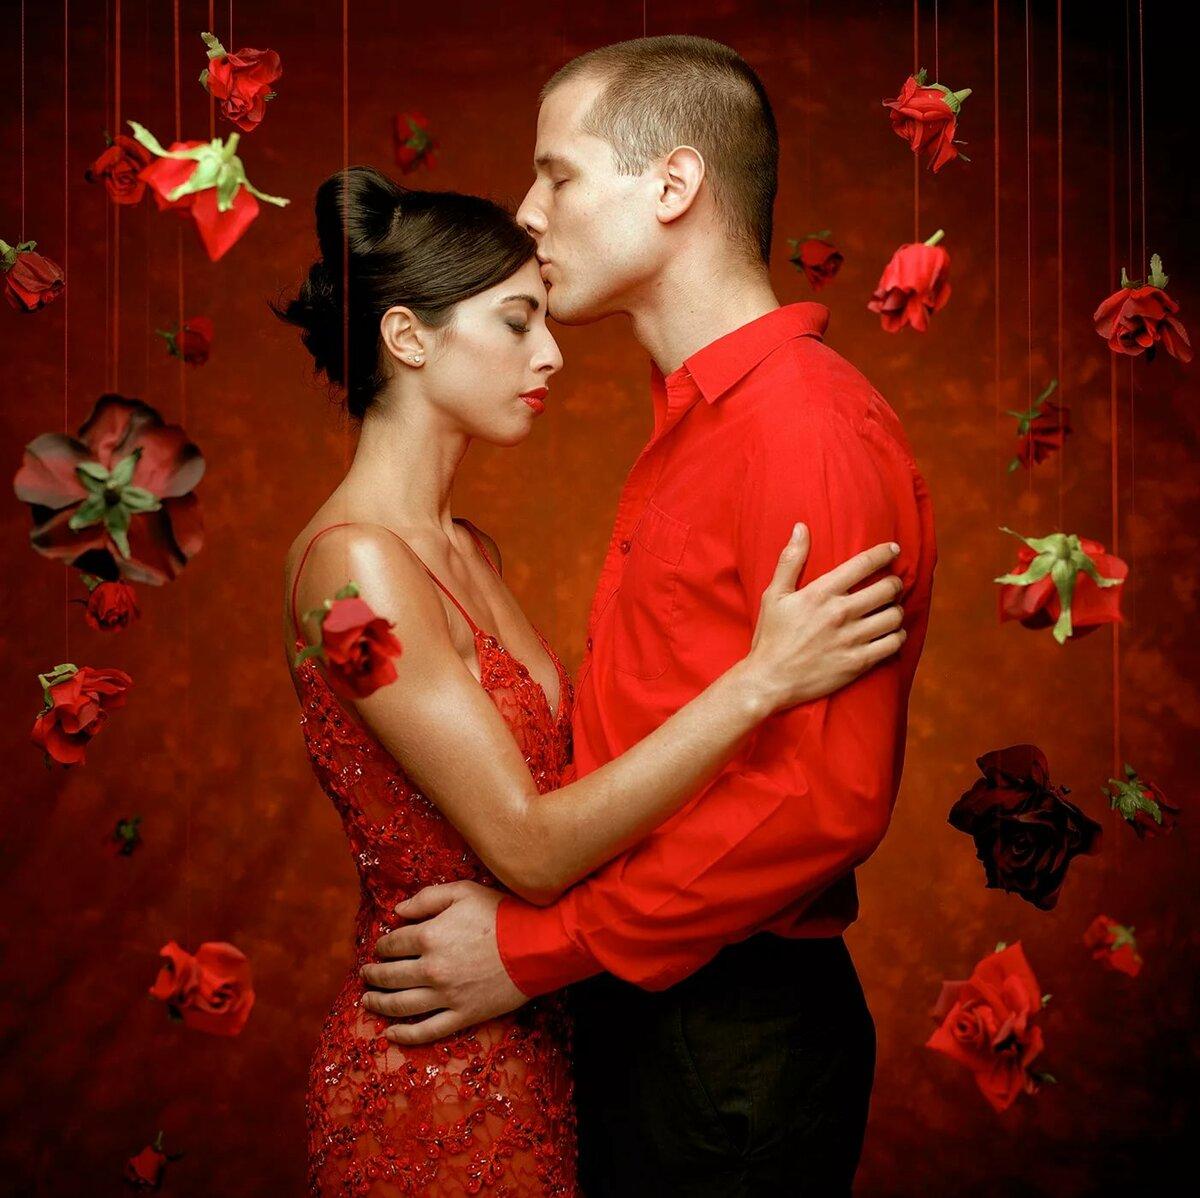 Открытки, романтичные открытки про мужчин и женщин